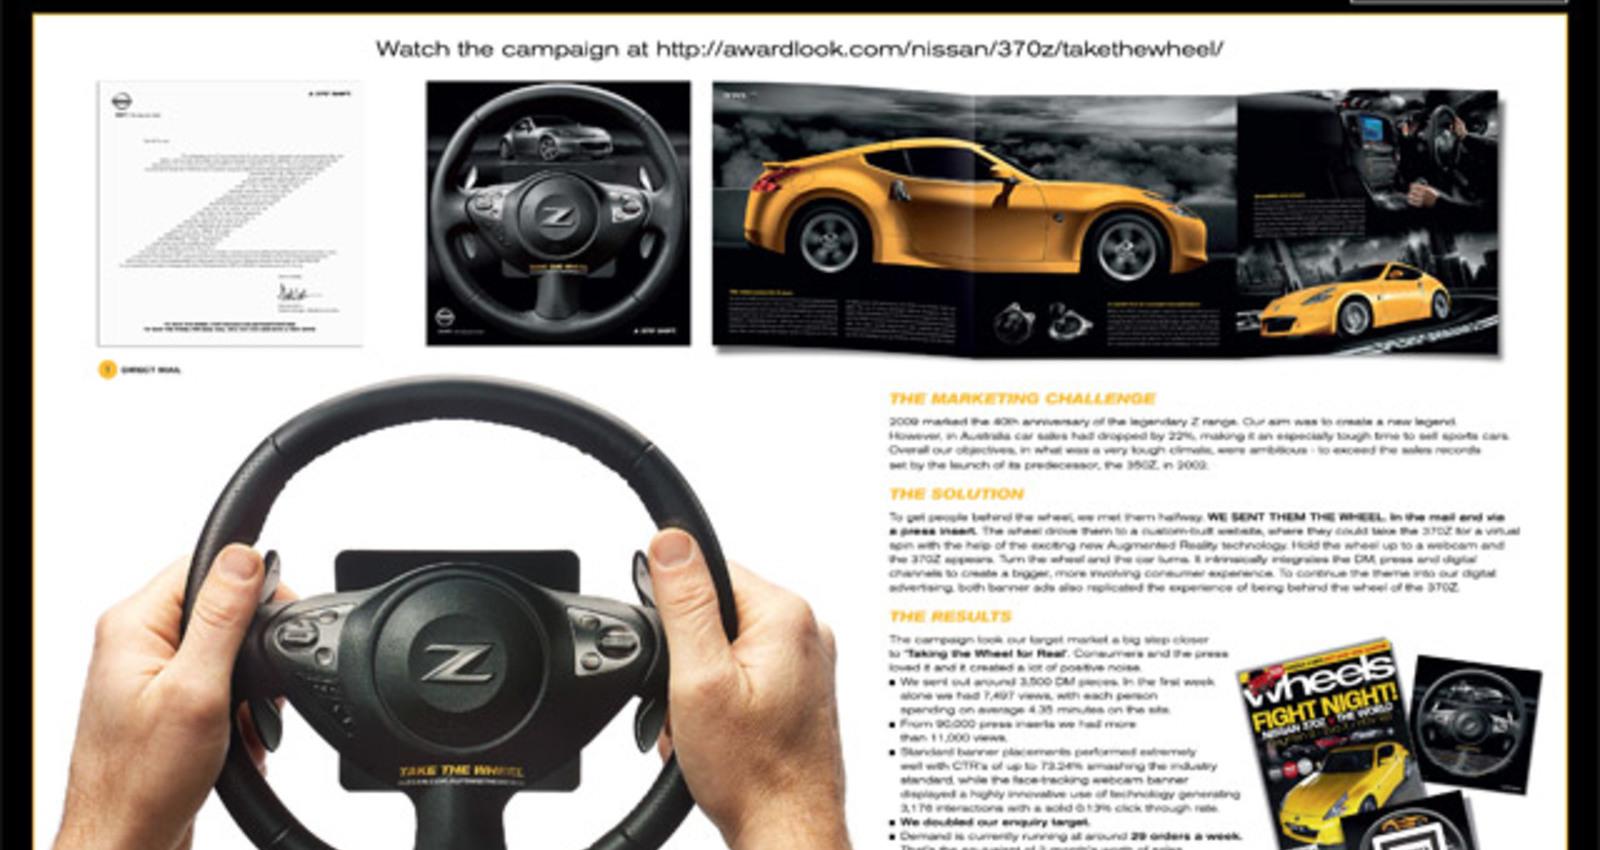 370z Take the wheel